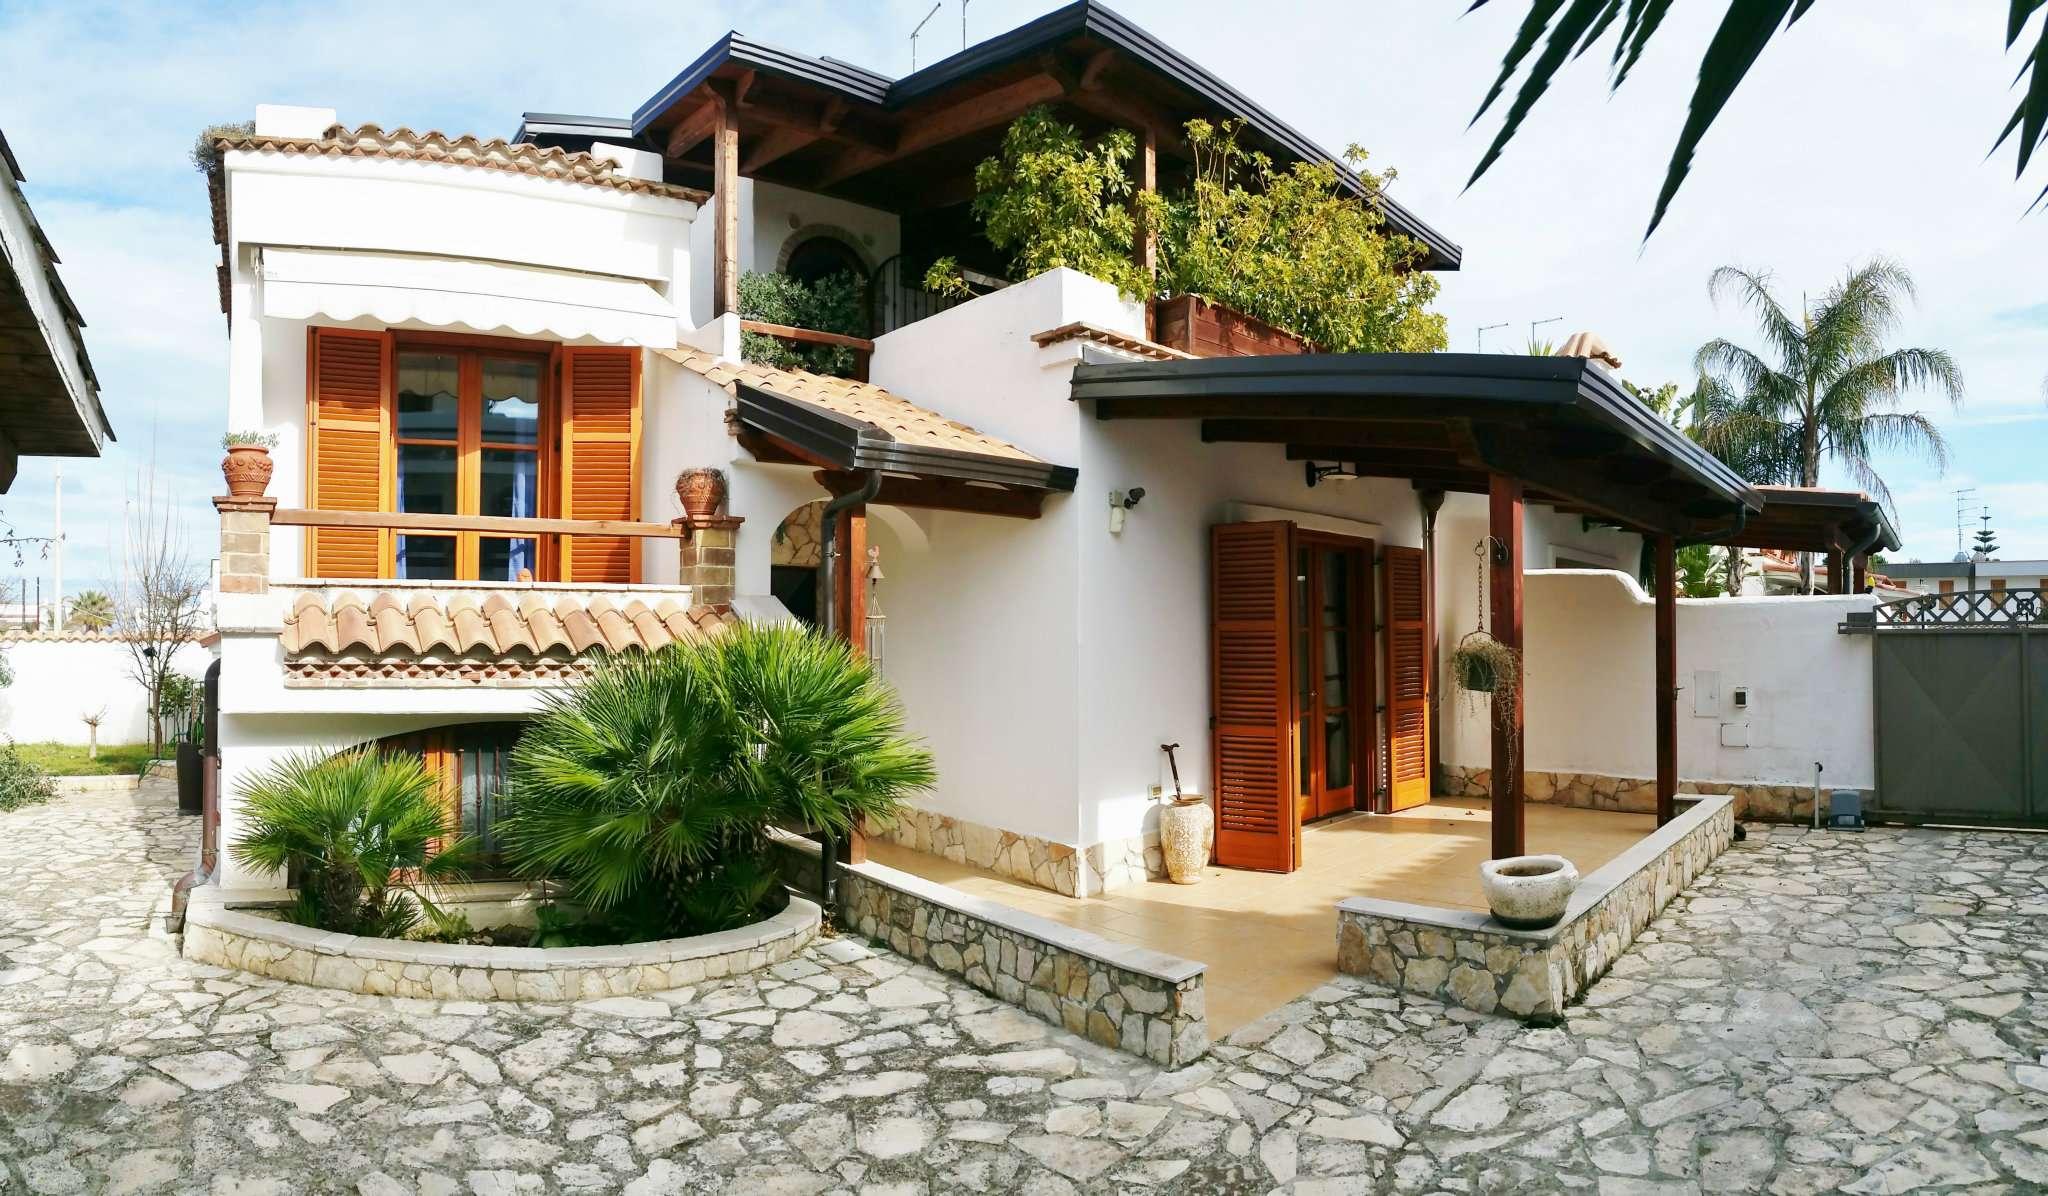 Villa in vendita a Bisceglie, 4 locali, prezzo € 330.000 | CambioCasa.it